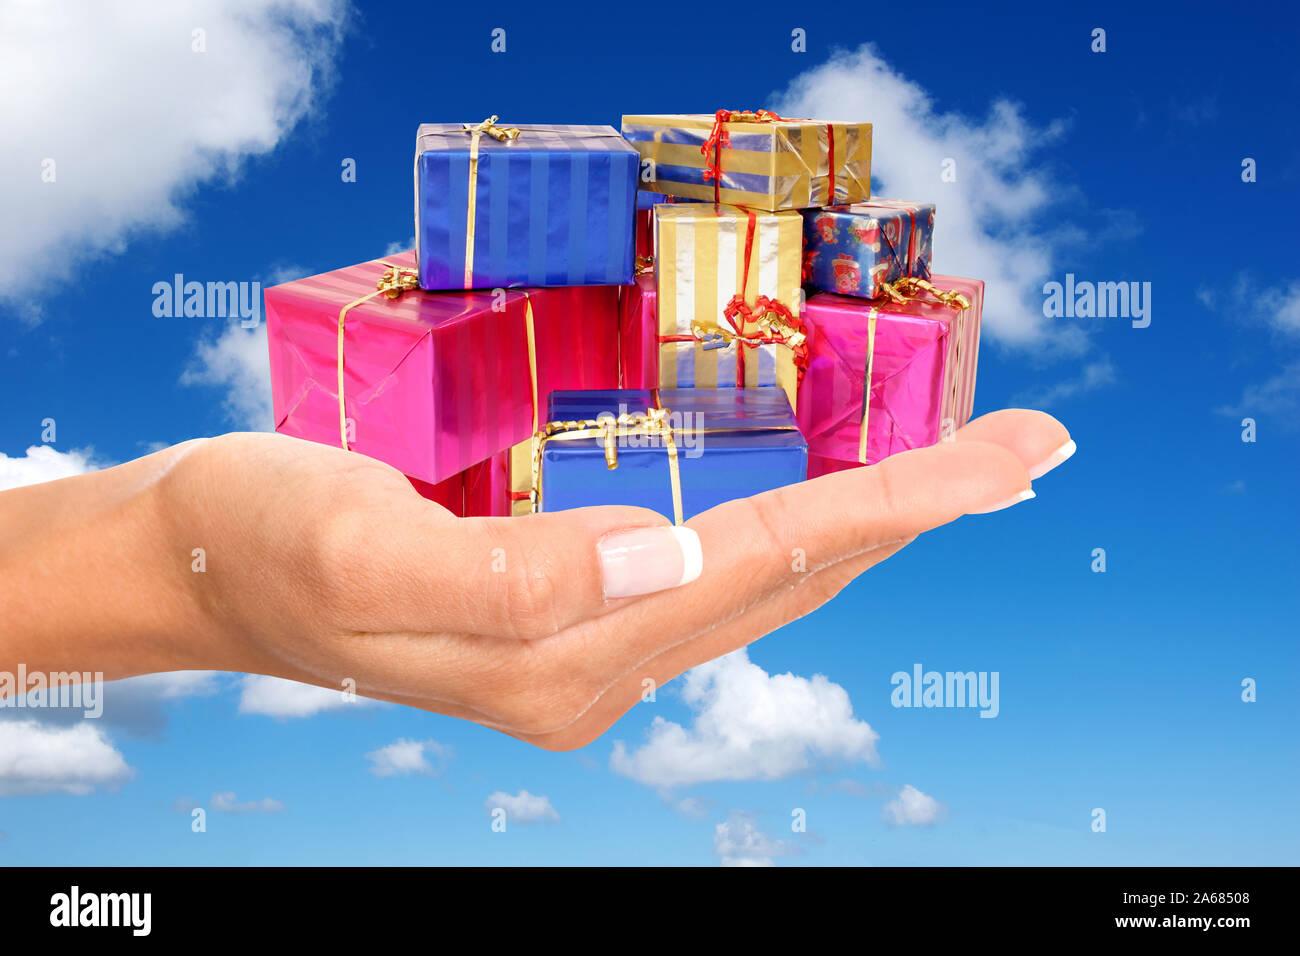 Hand mit Geschenke, Pakete, Päckchen, Weihnachtsgeschenke, Weihnachten, bunt eingepackte, Stock Photo